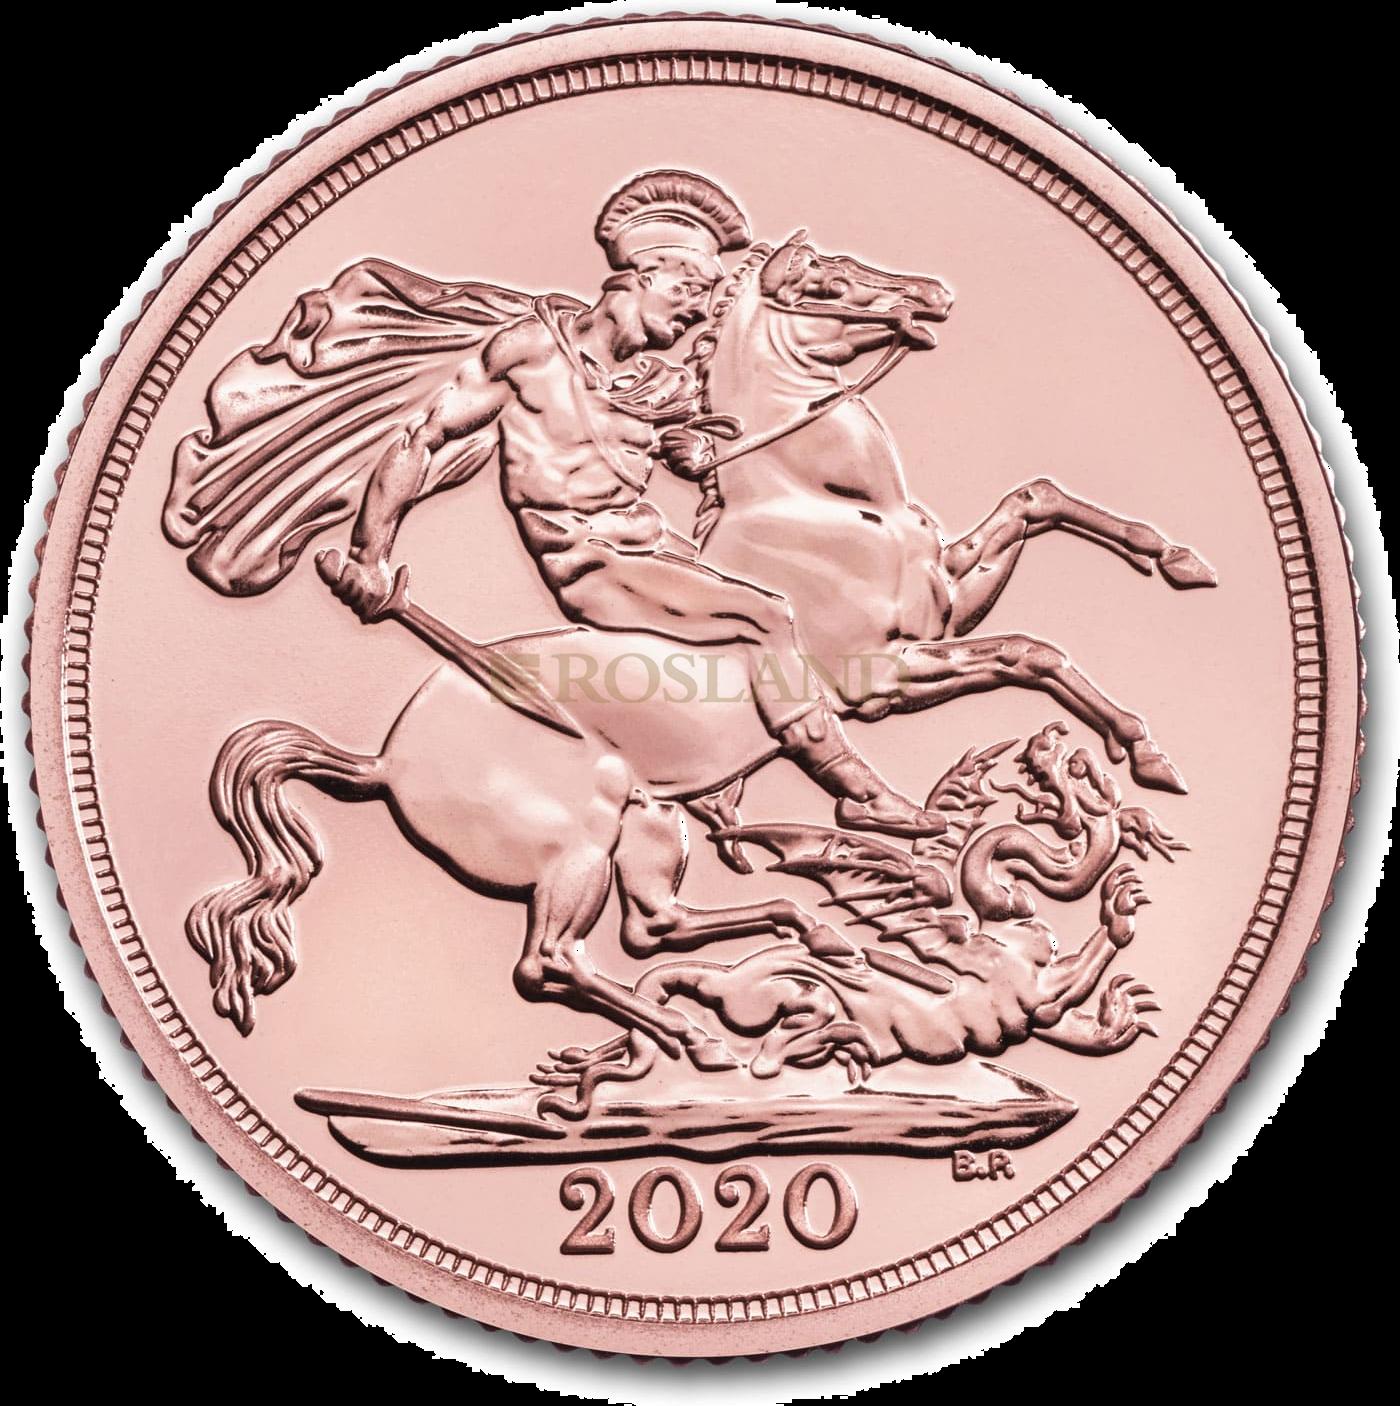 1 Sovereign Goldmünze Großbritannien 2020